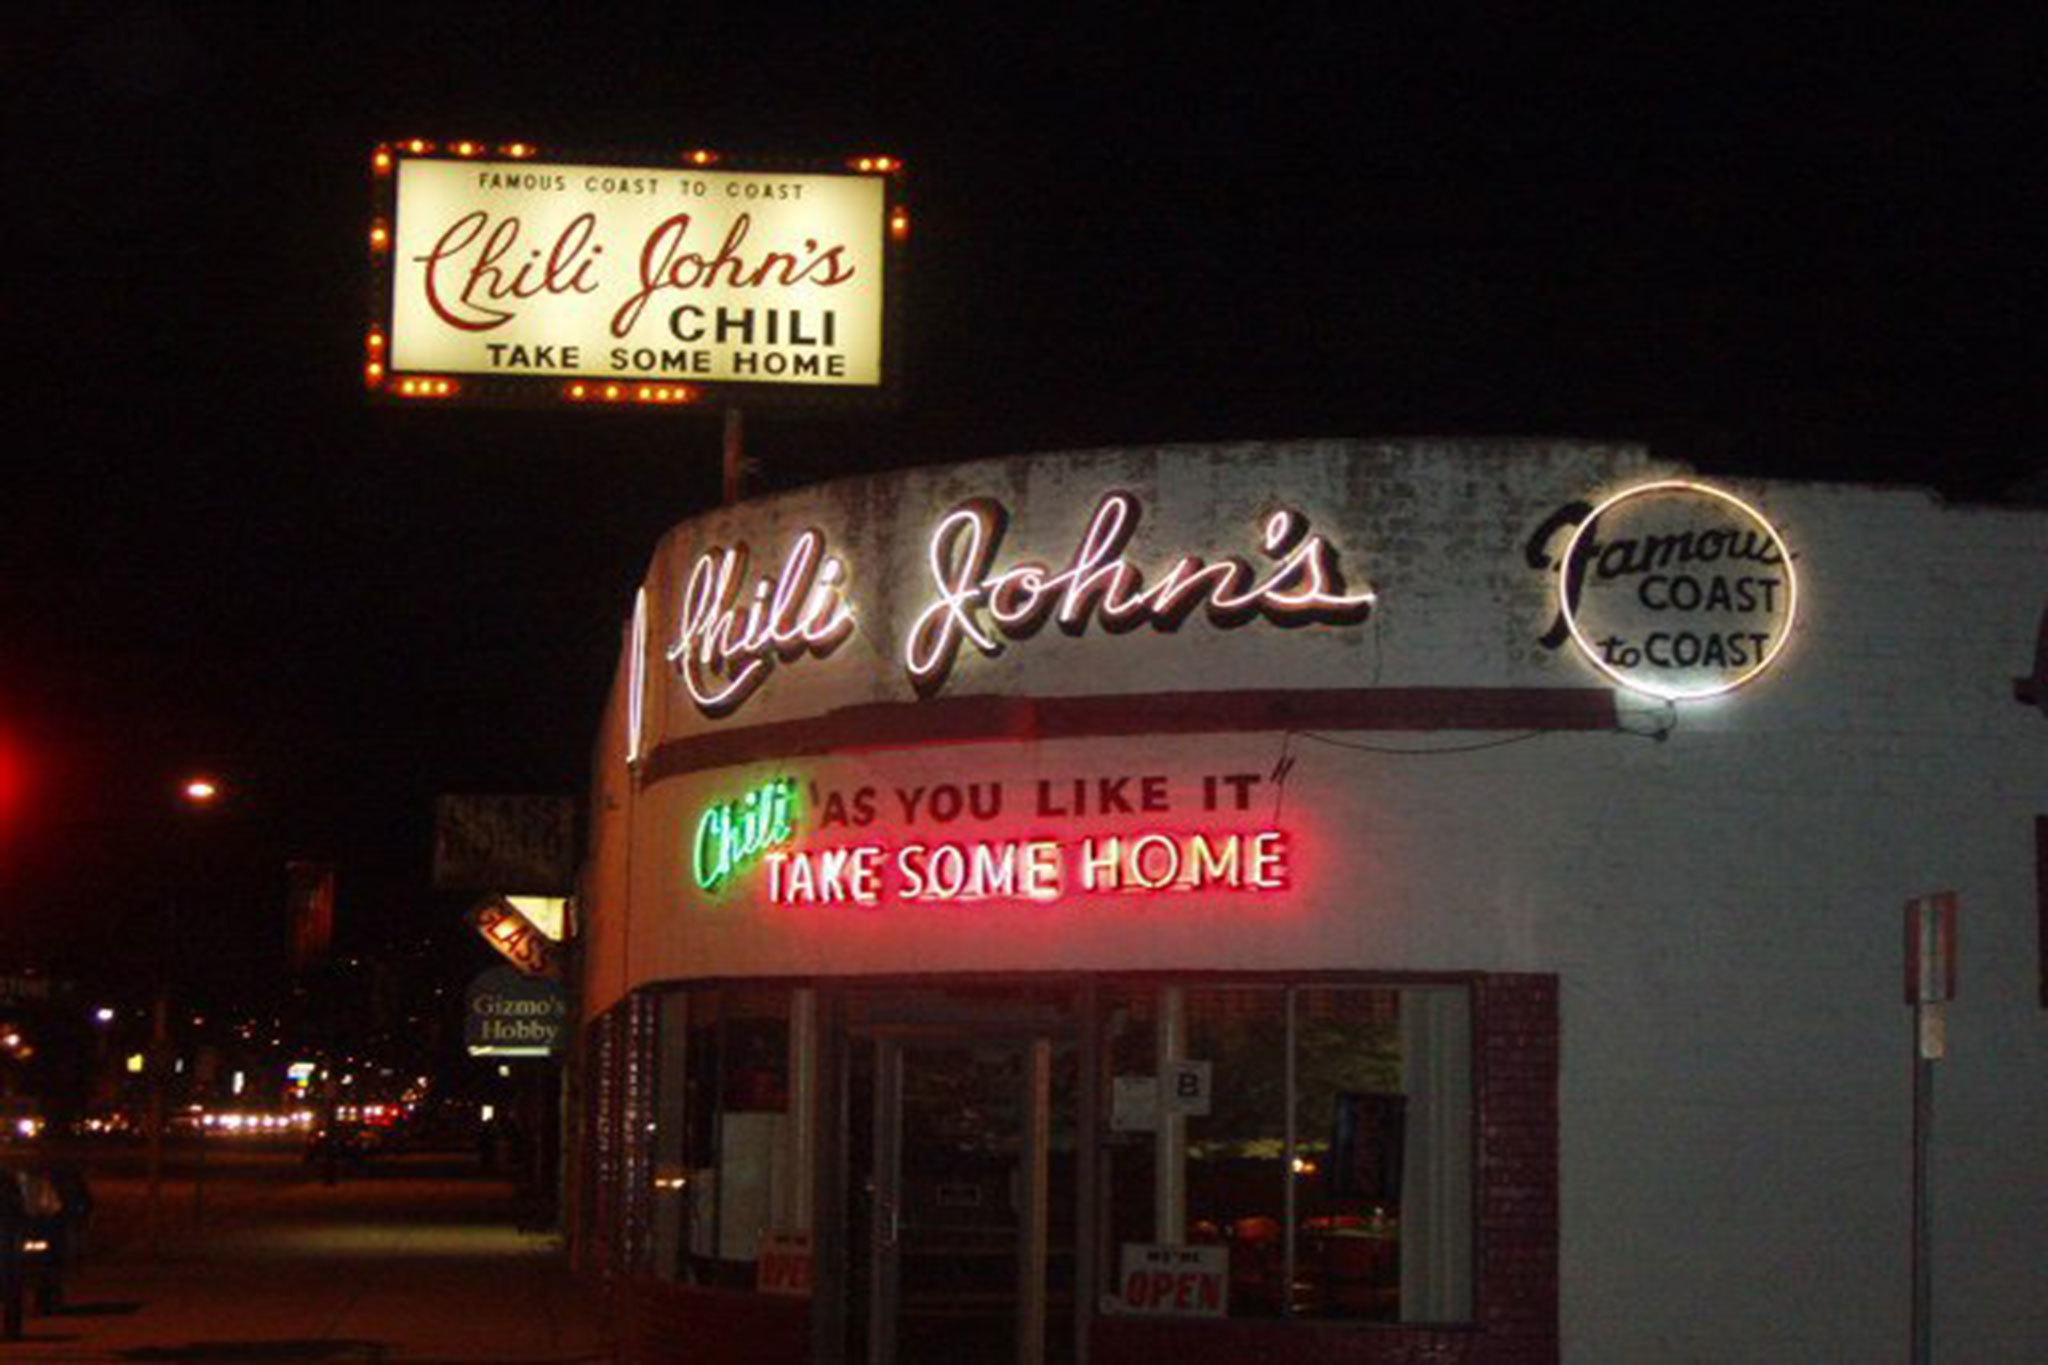 Chili John's